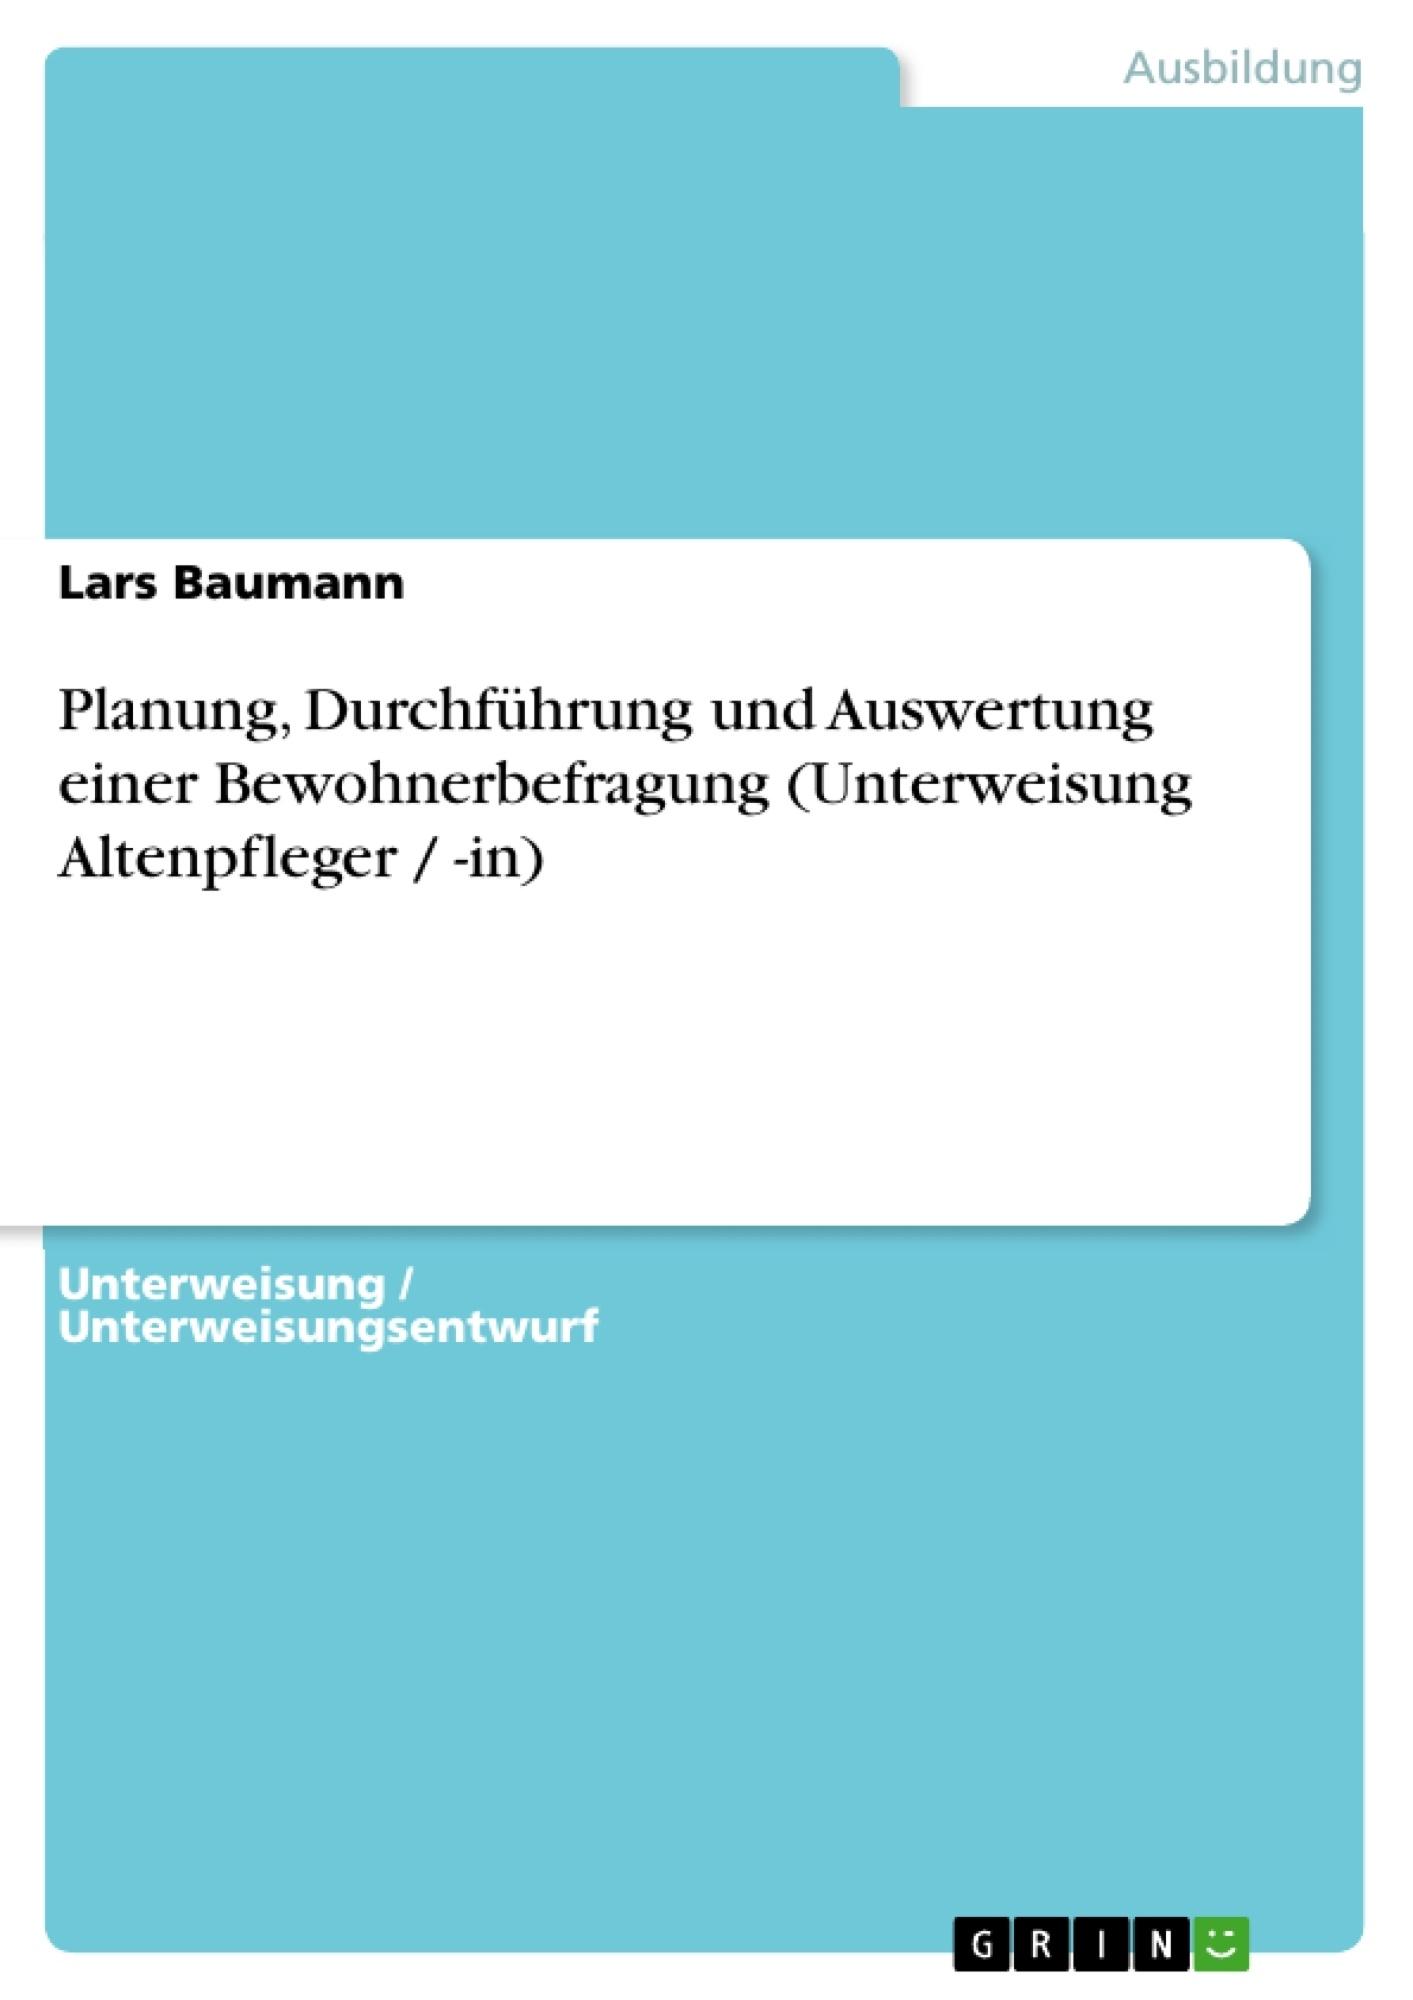 Titel: Planung, Durchführung und Auswertung einer Bewohnerbefragung (Unterweisung Altenpfleger / -in)